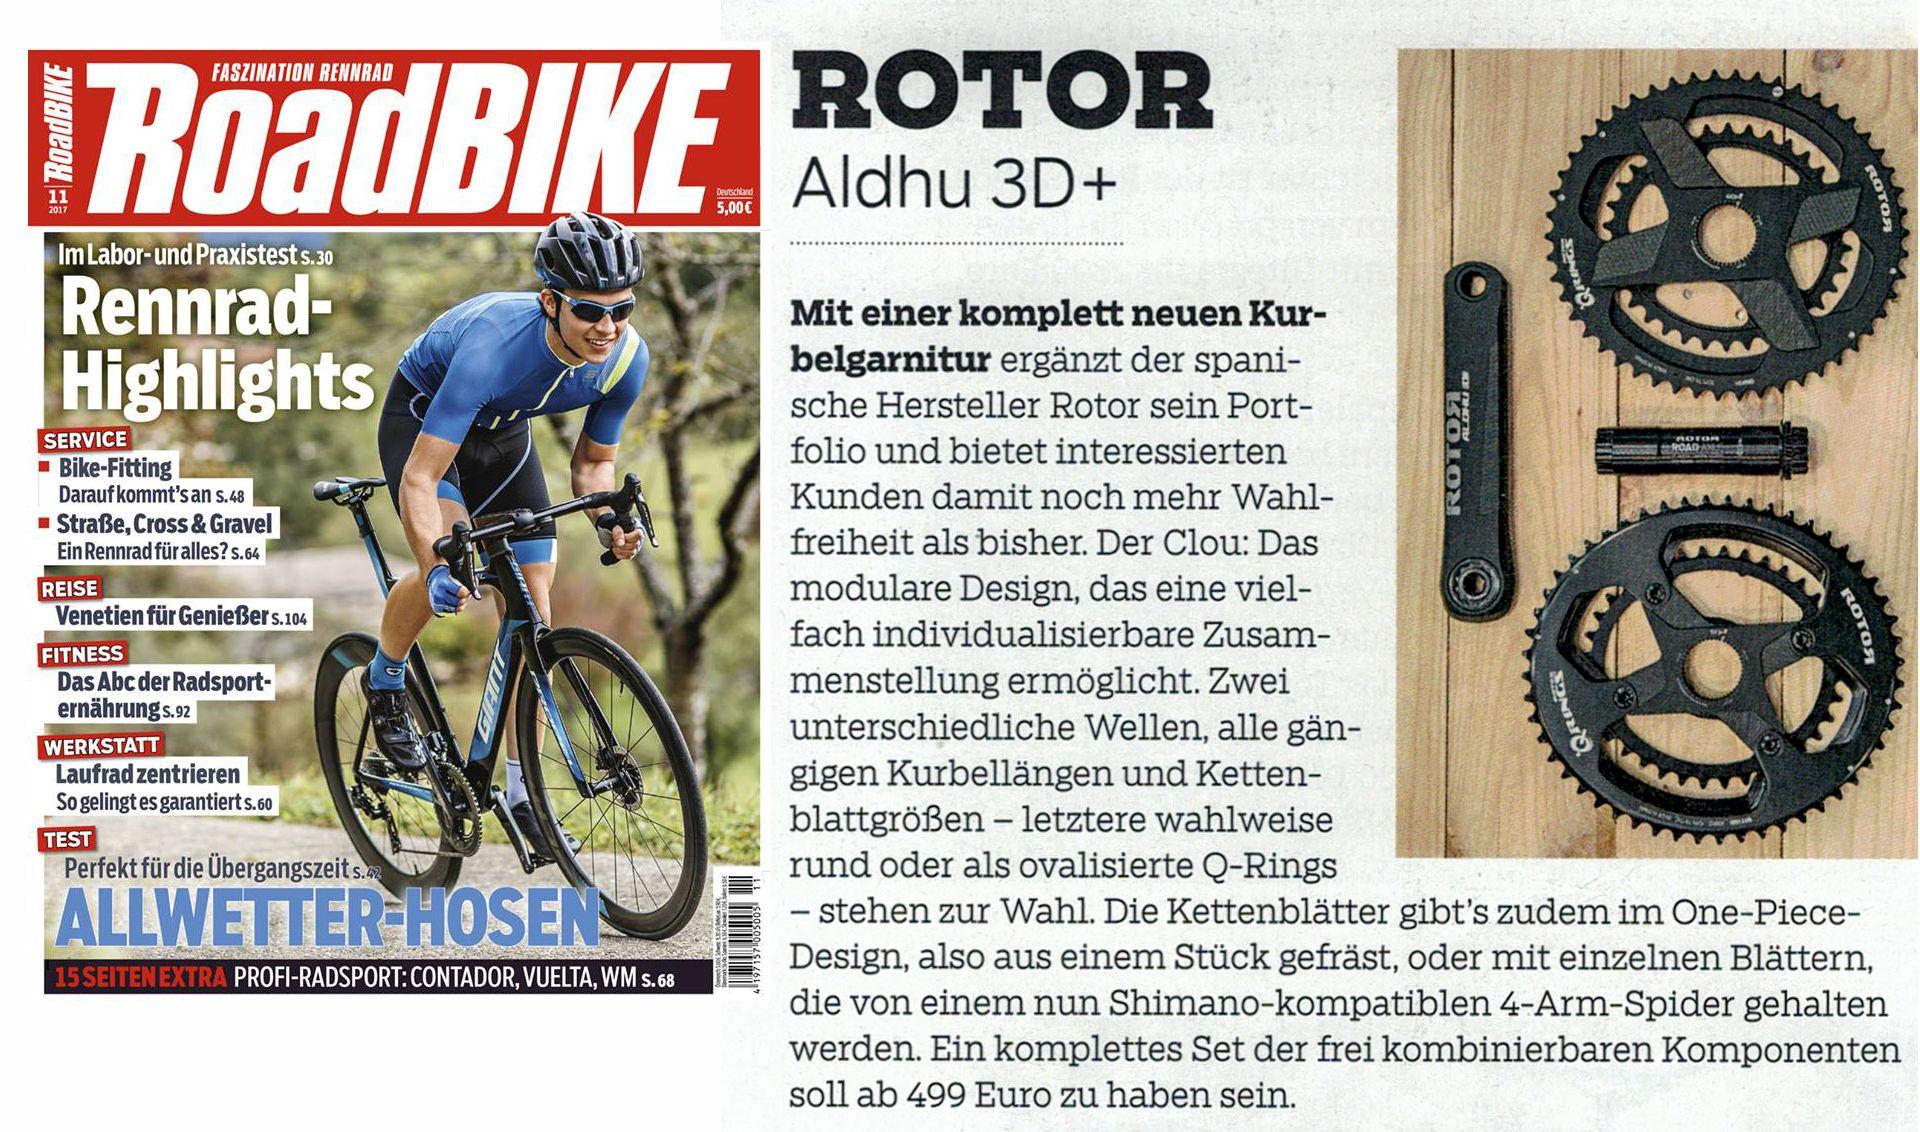 ROTOR ALDHU 3D+ in der Roadbike